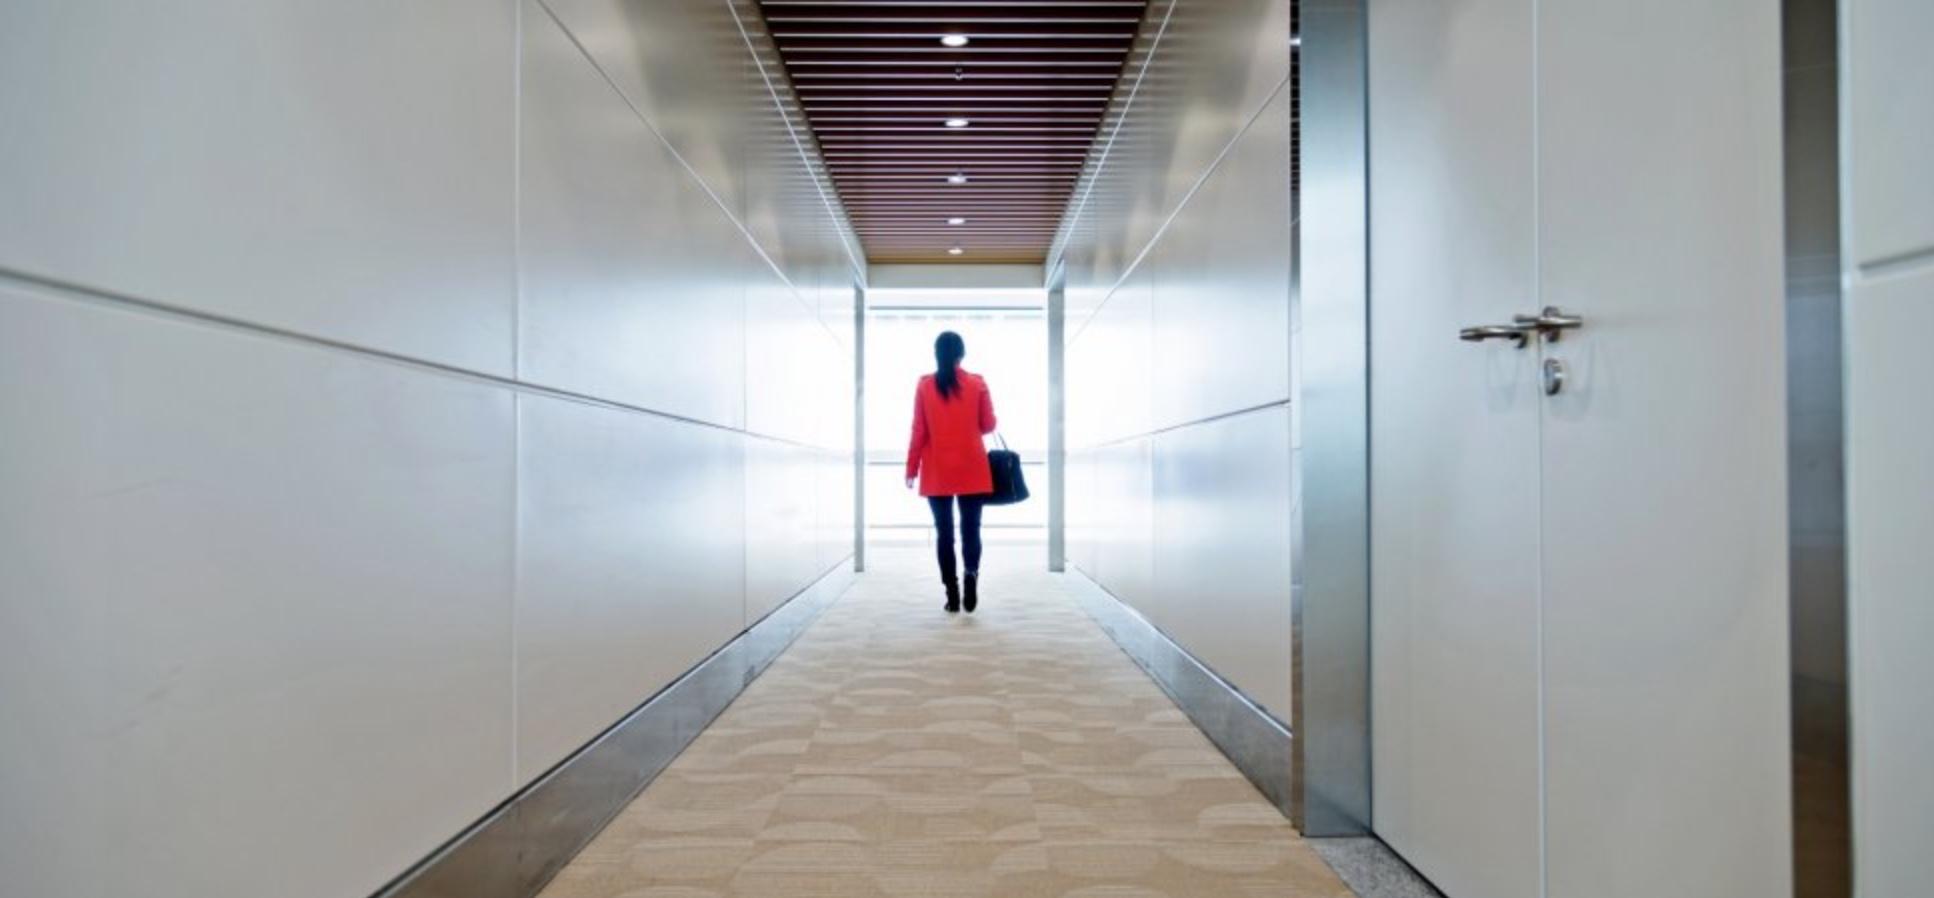 leaving-corporate-life-behind.jpg